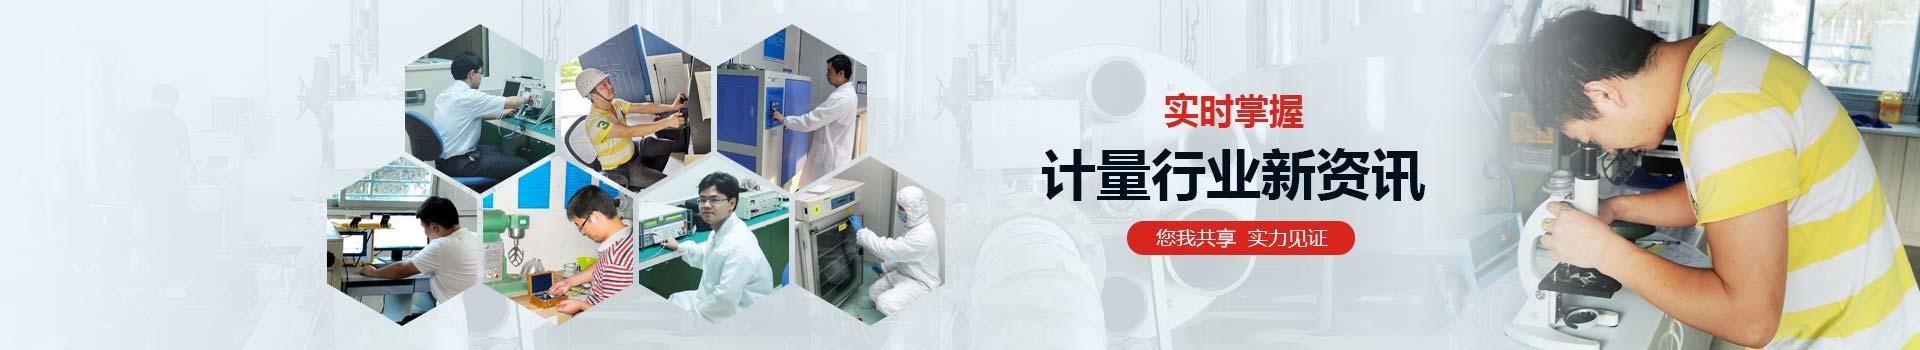 掌握计量行业新动态选博罗一站式计量技术服务贡献于中国制造网!